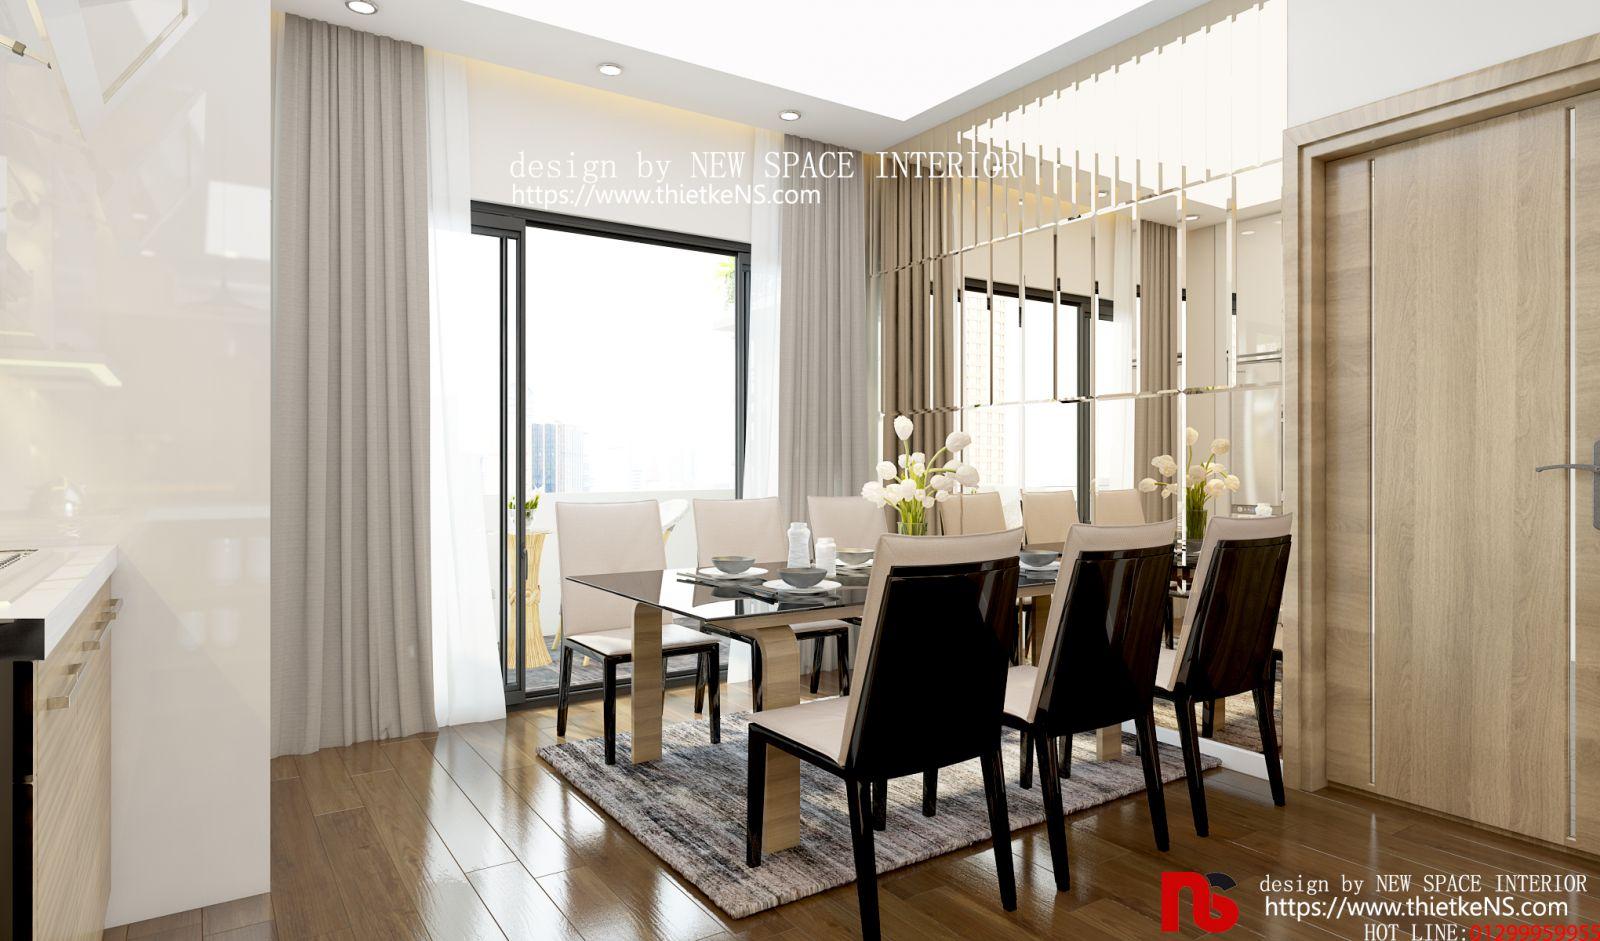 Thiết kế nội thất chung cư 6TH ELEMENT Tây Hồ 03 đẳng cấp, thời thượng